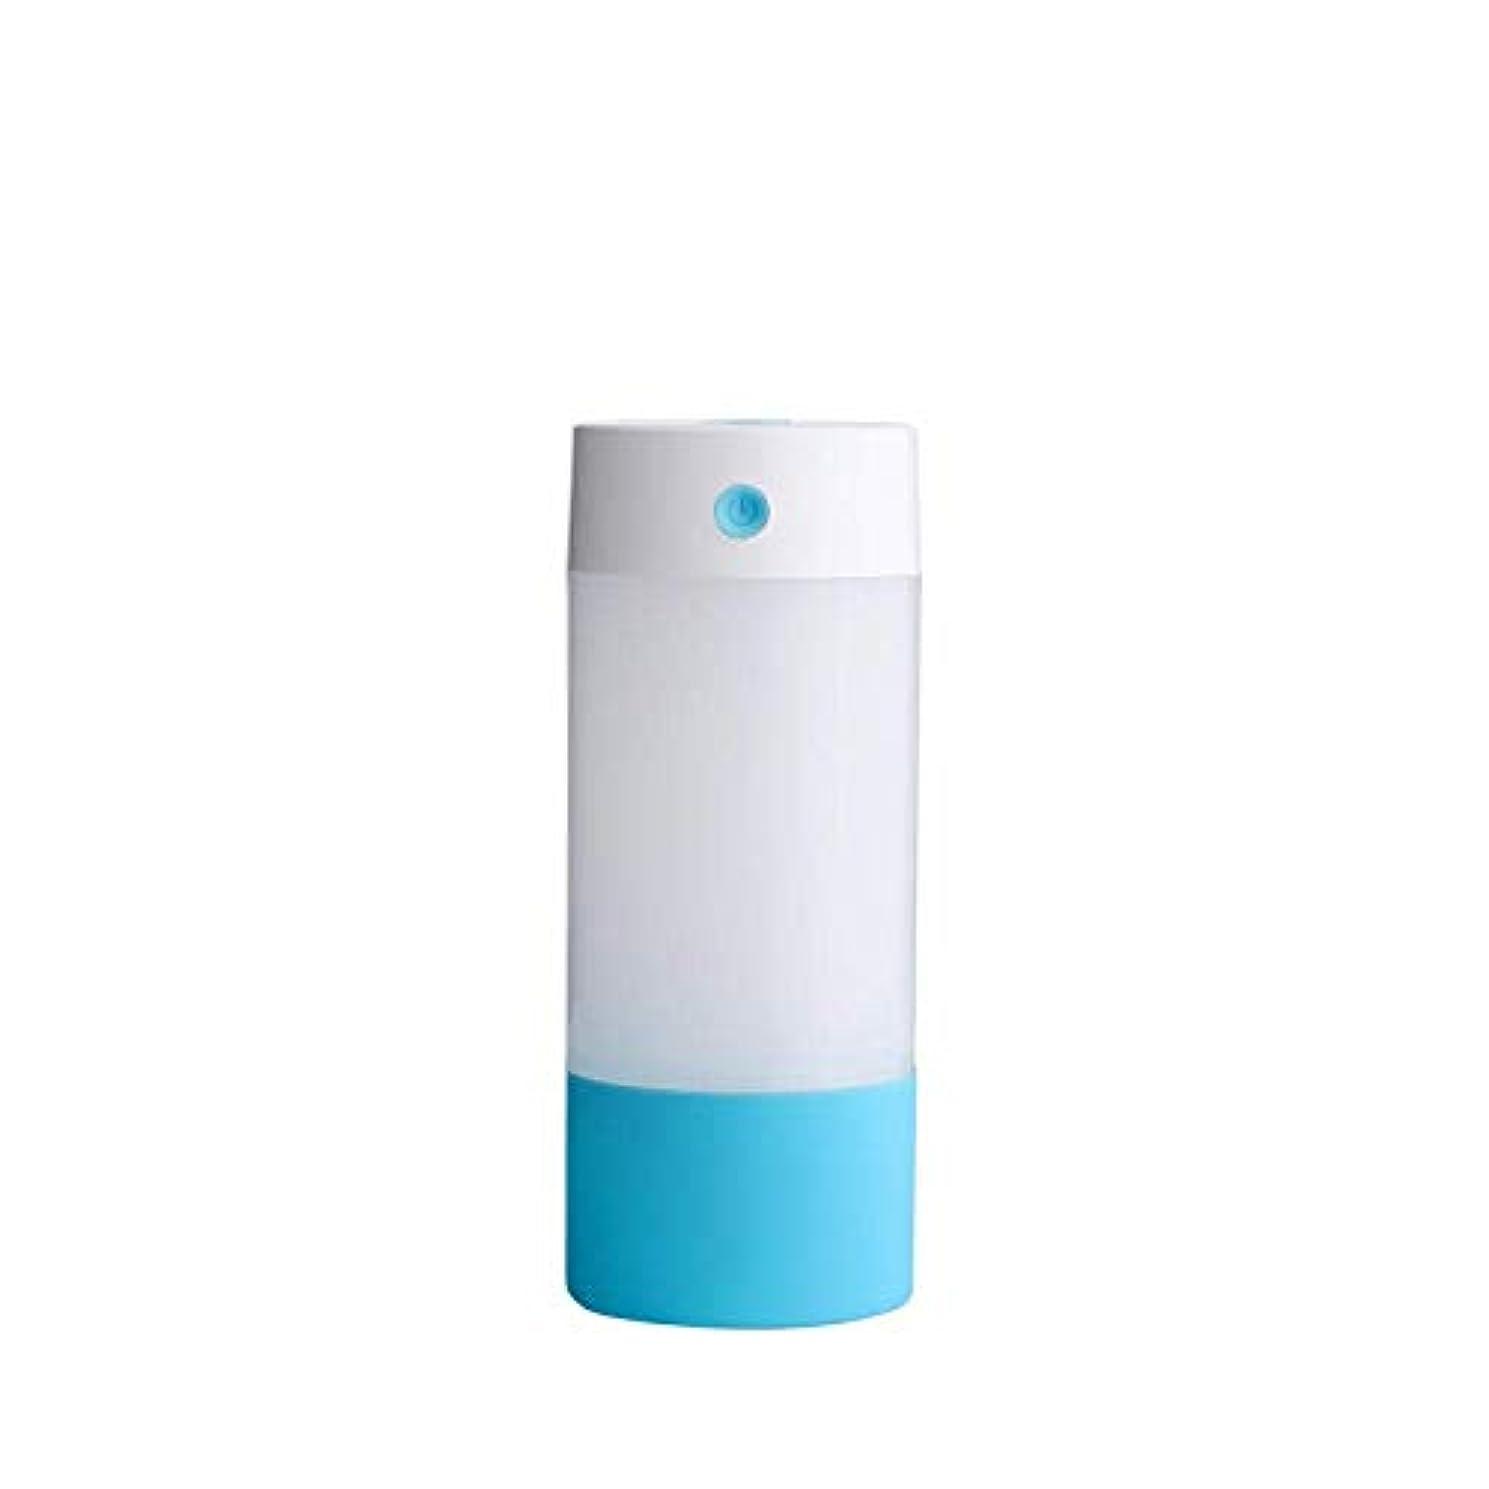 開業医満員召喚するSOTCE アロマディフューザー加湿器超音波霧化技術のライトカー満足のいく解決策連続霧モード湿潤環境 (Color : Blue)